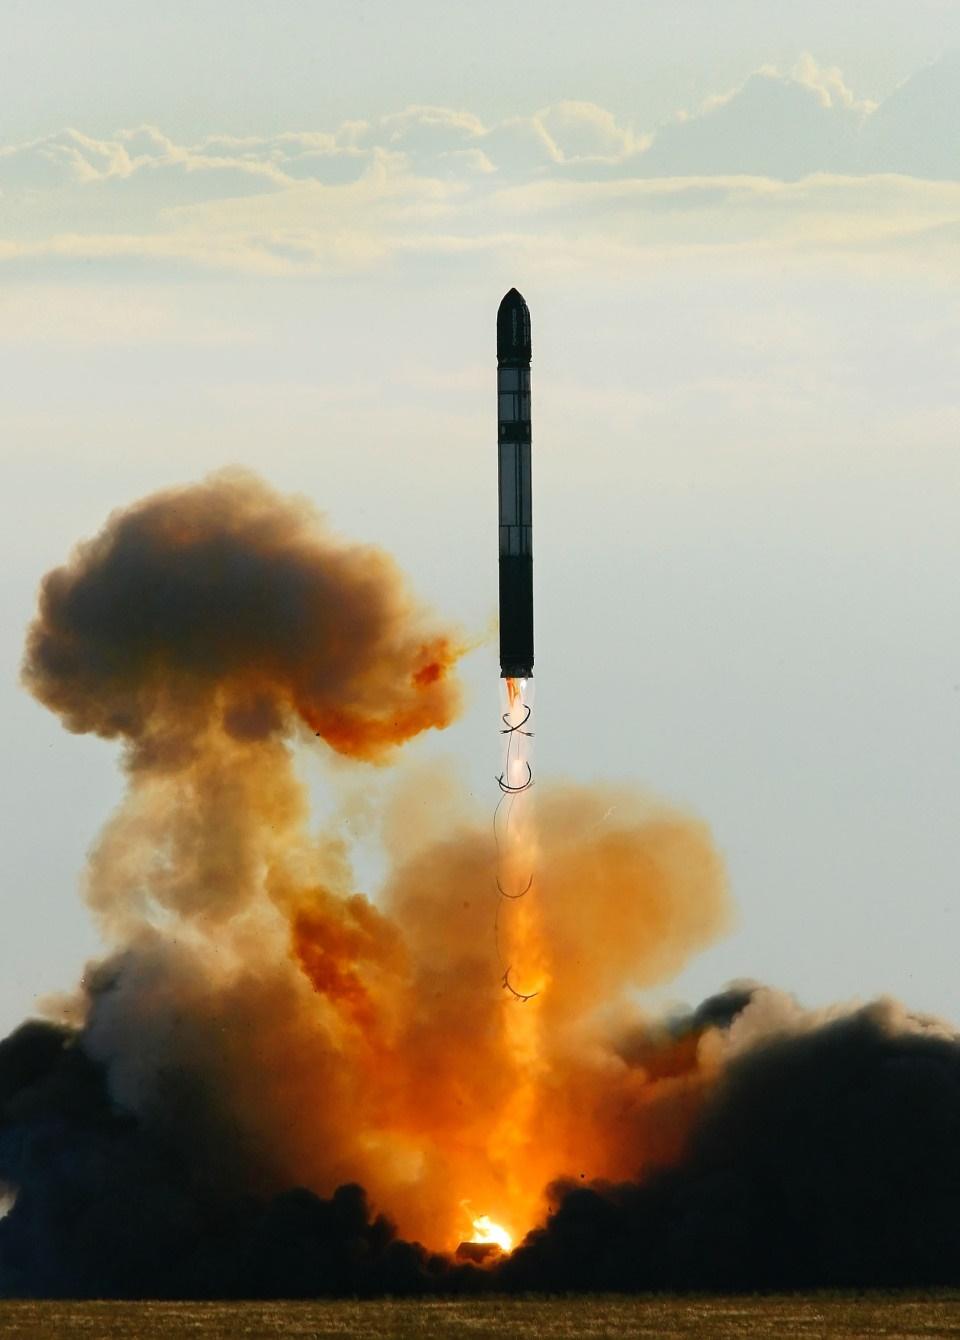 روسیه چهار موشک بالستیک با قابلیت حمل کلاهک هستهای آزمایش کرد